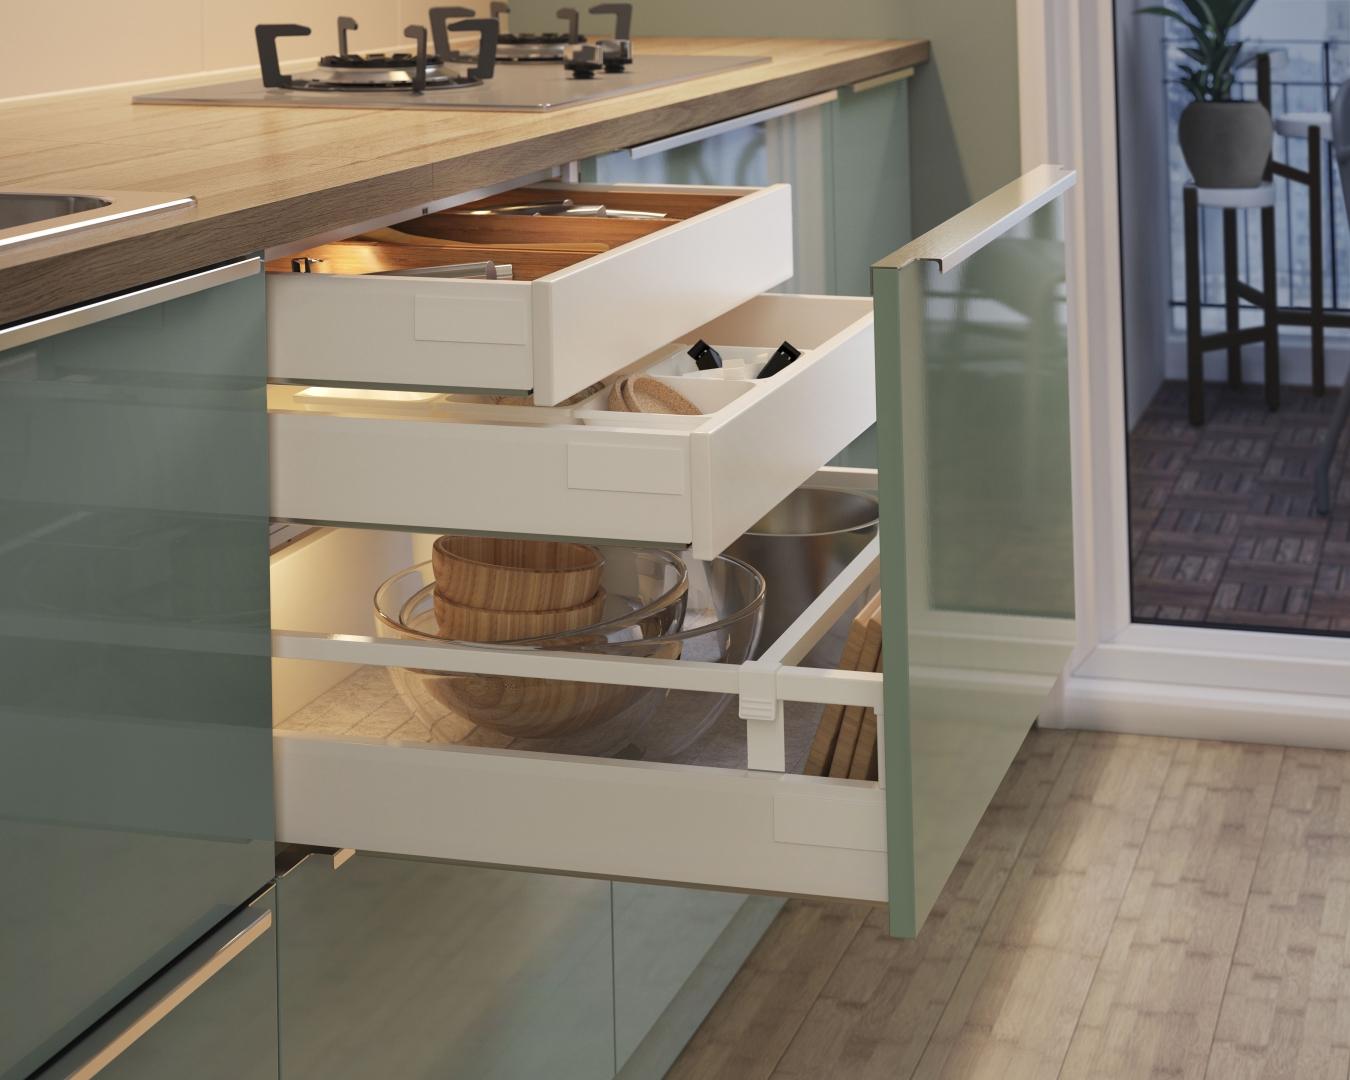 Keuken Inrichten Ikea : Interieur Ikea lanceert design keuken met karakter ? Stijlvol